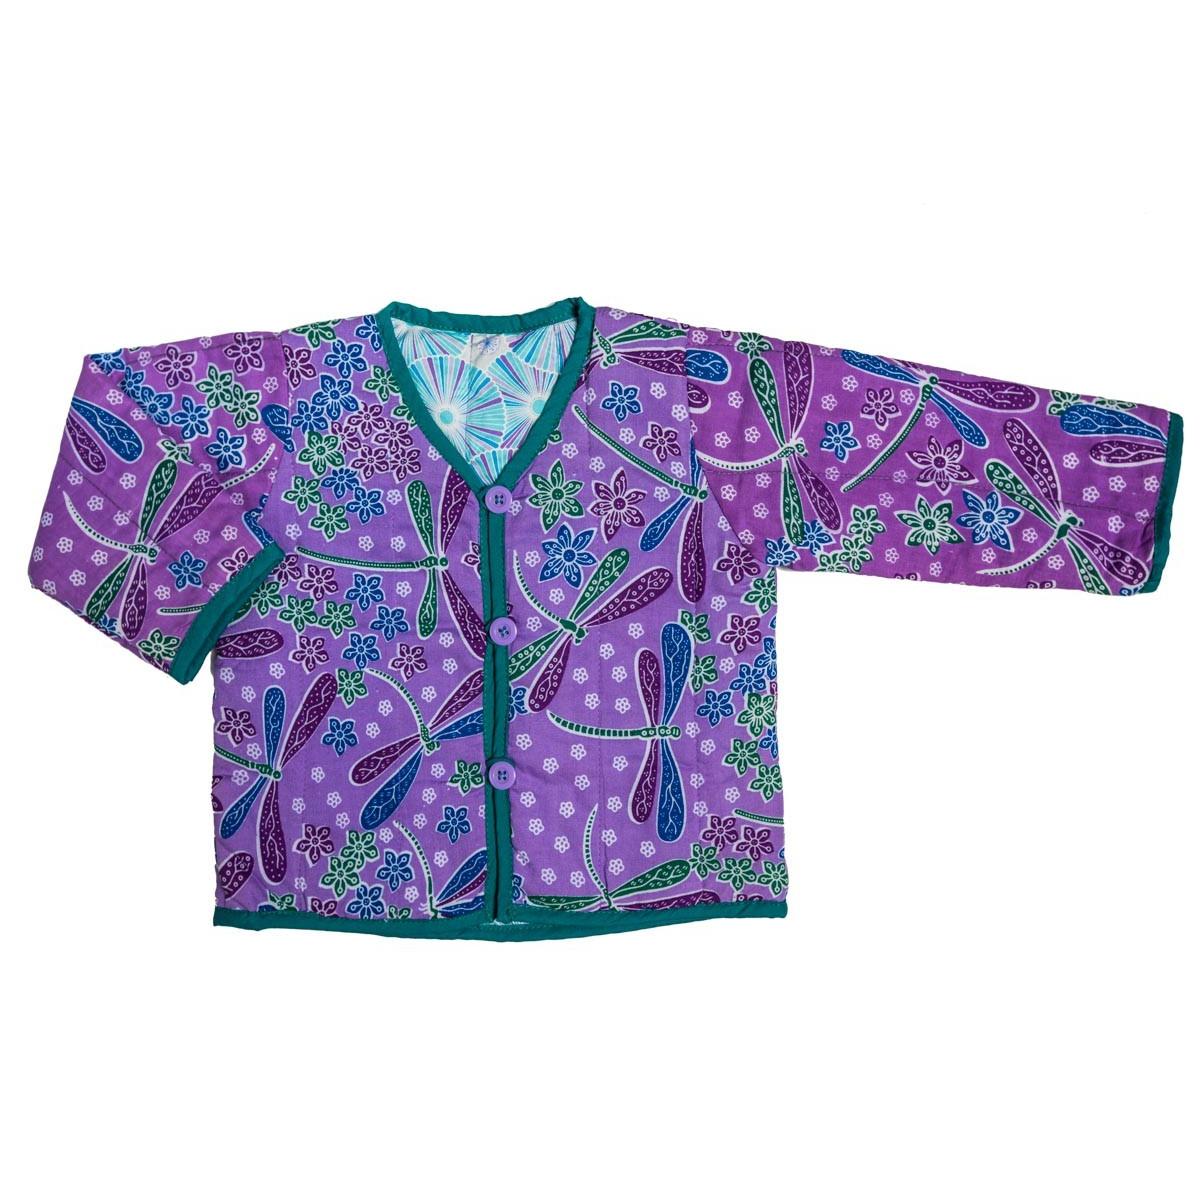 Veste fille 0-24 mois réversible coton bleu et violet